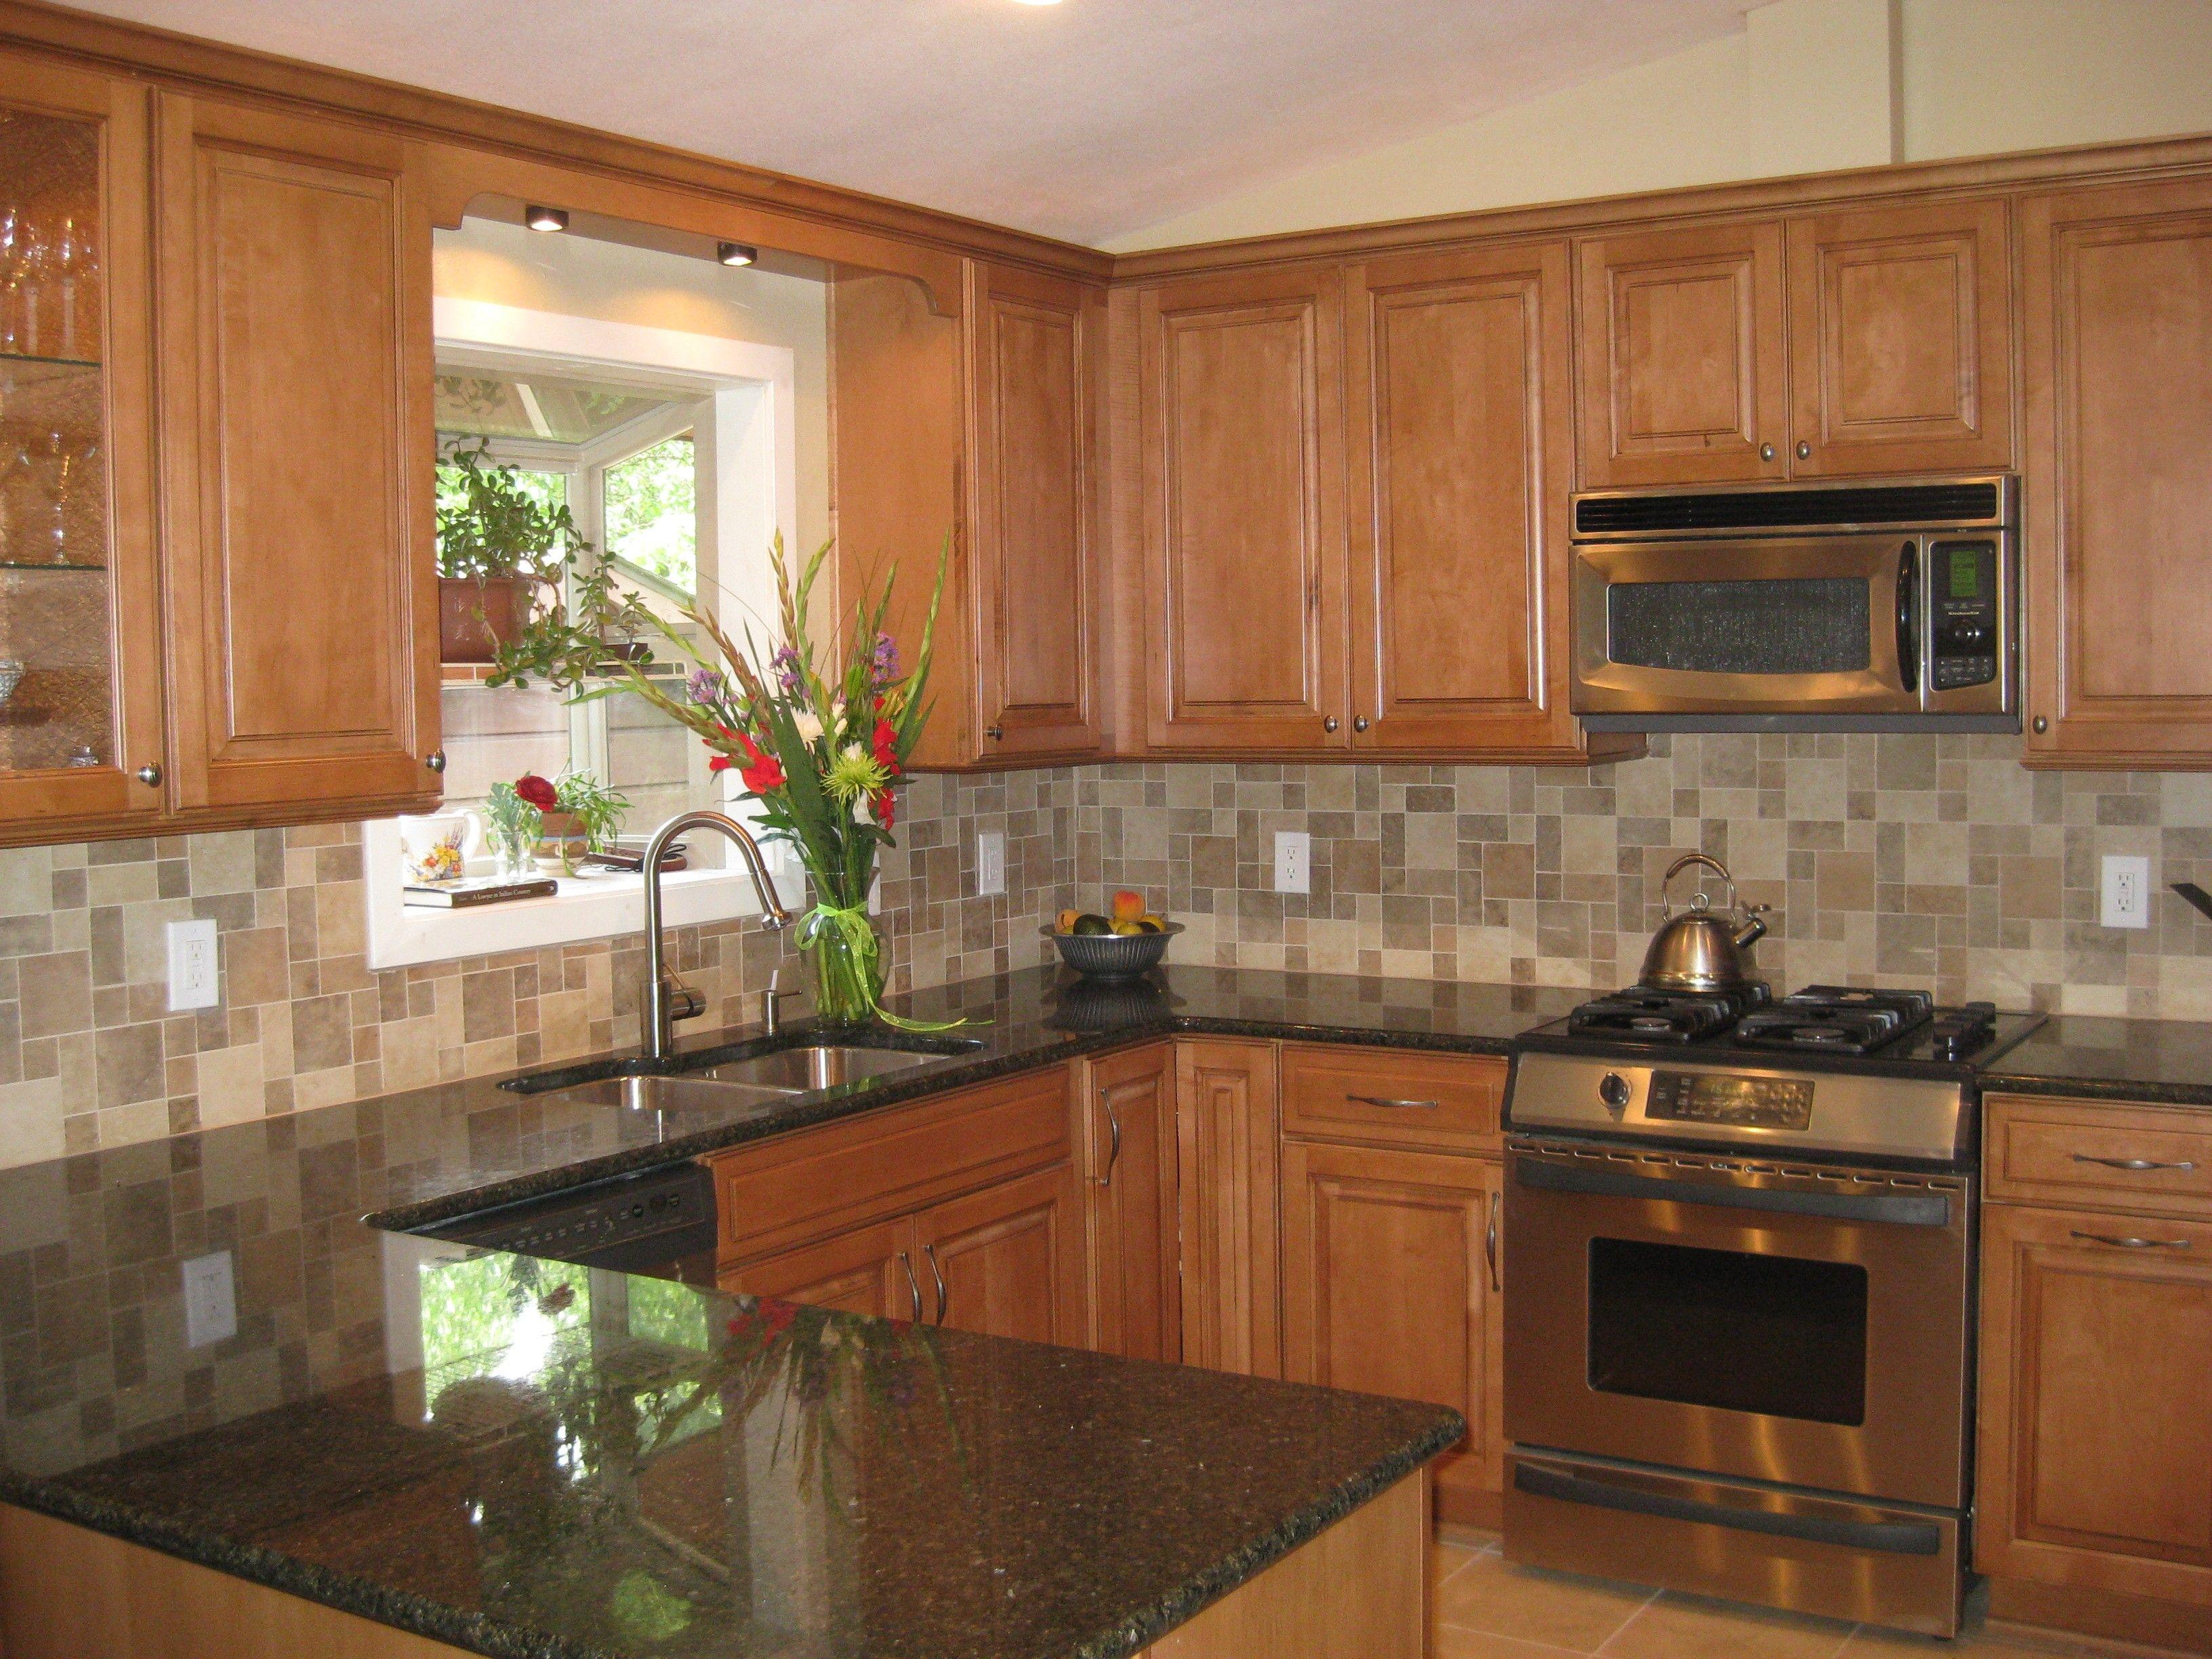 kitchen backsplash ideas maple kitchen sink white